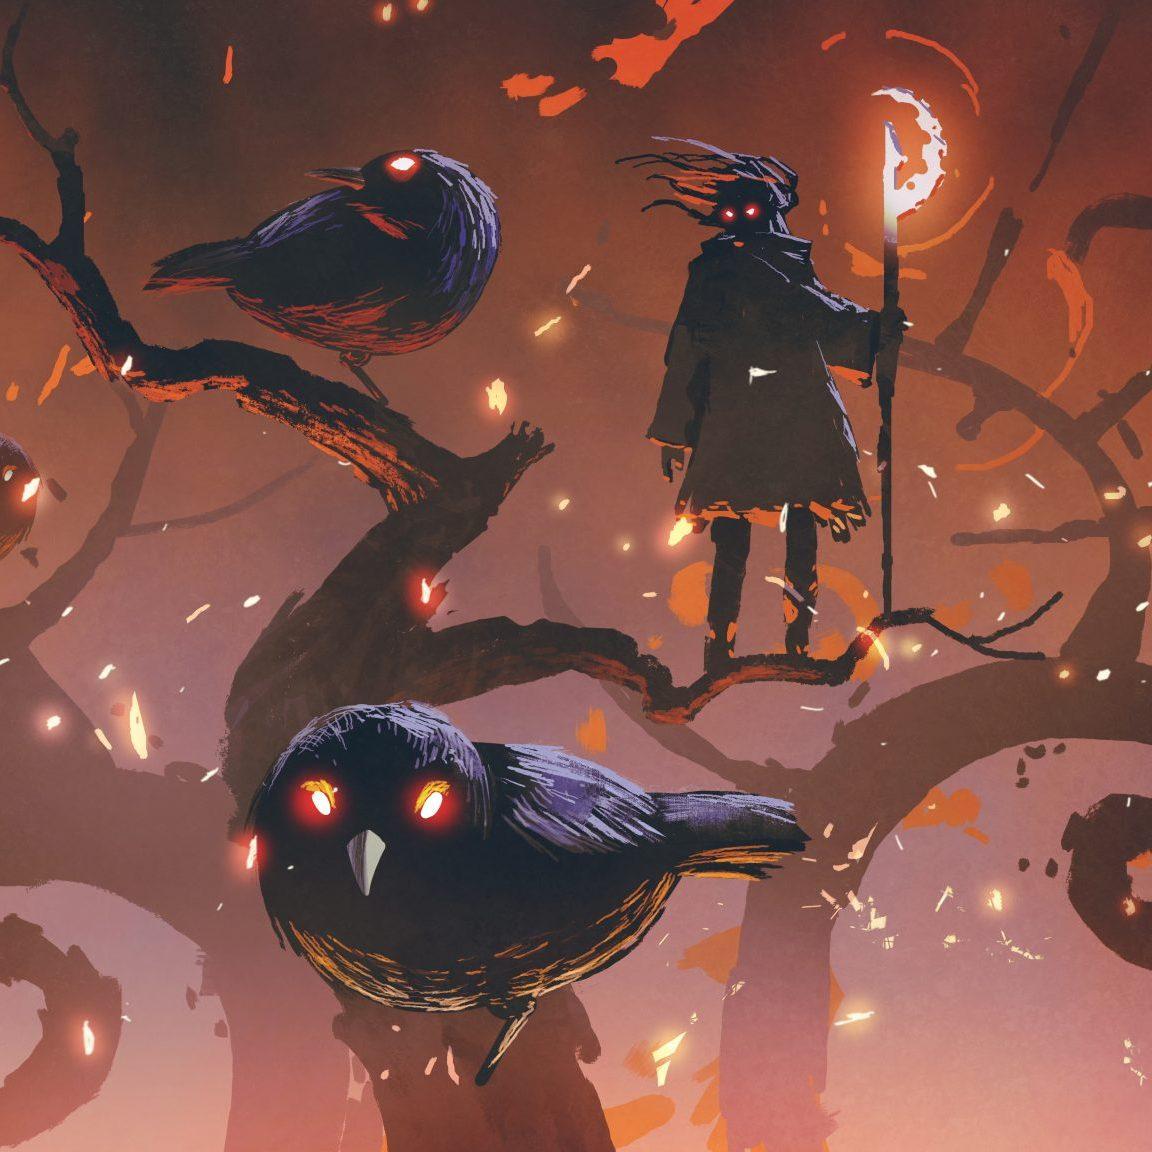 Eldritch Spellcraft: New Warlock-Specific Spells - The Underground Oracle